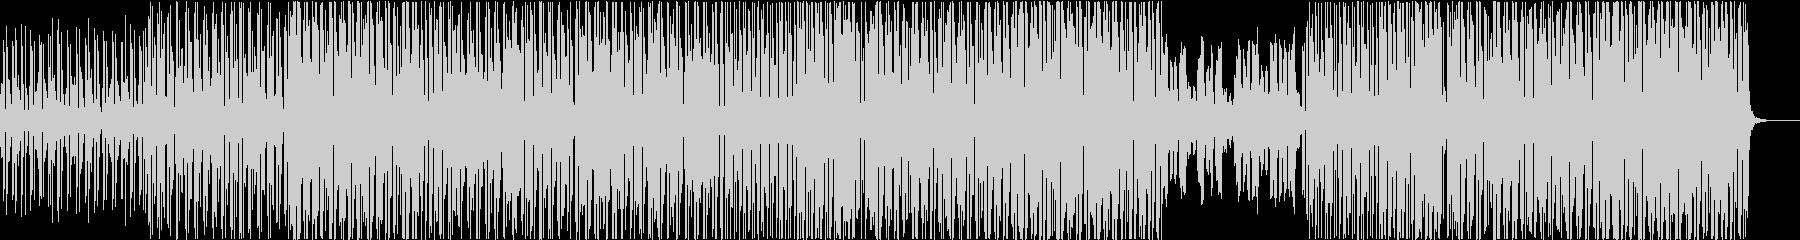 お洒落で大人な雰囲気のトロピカルハウスの未再生の波形